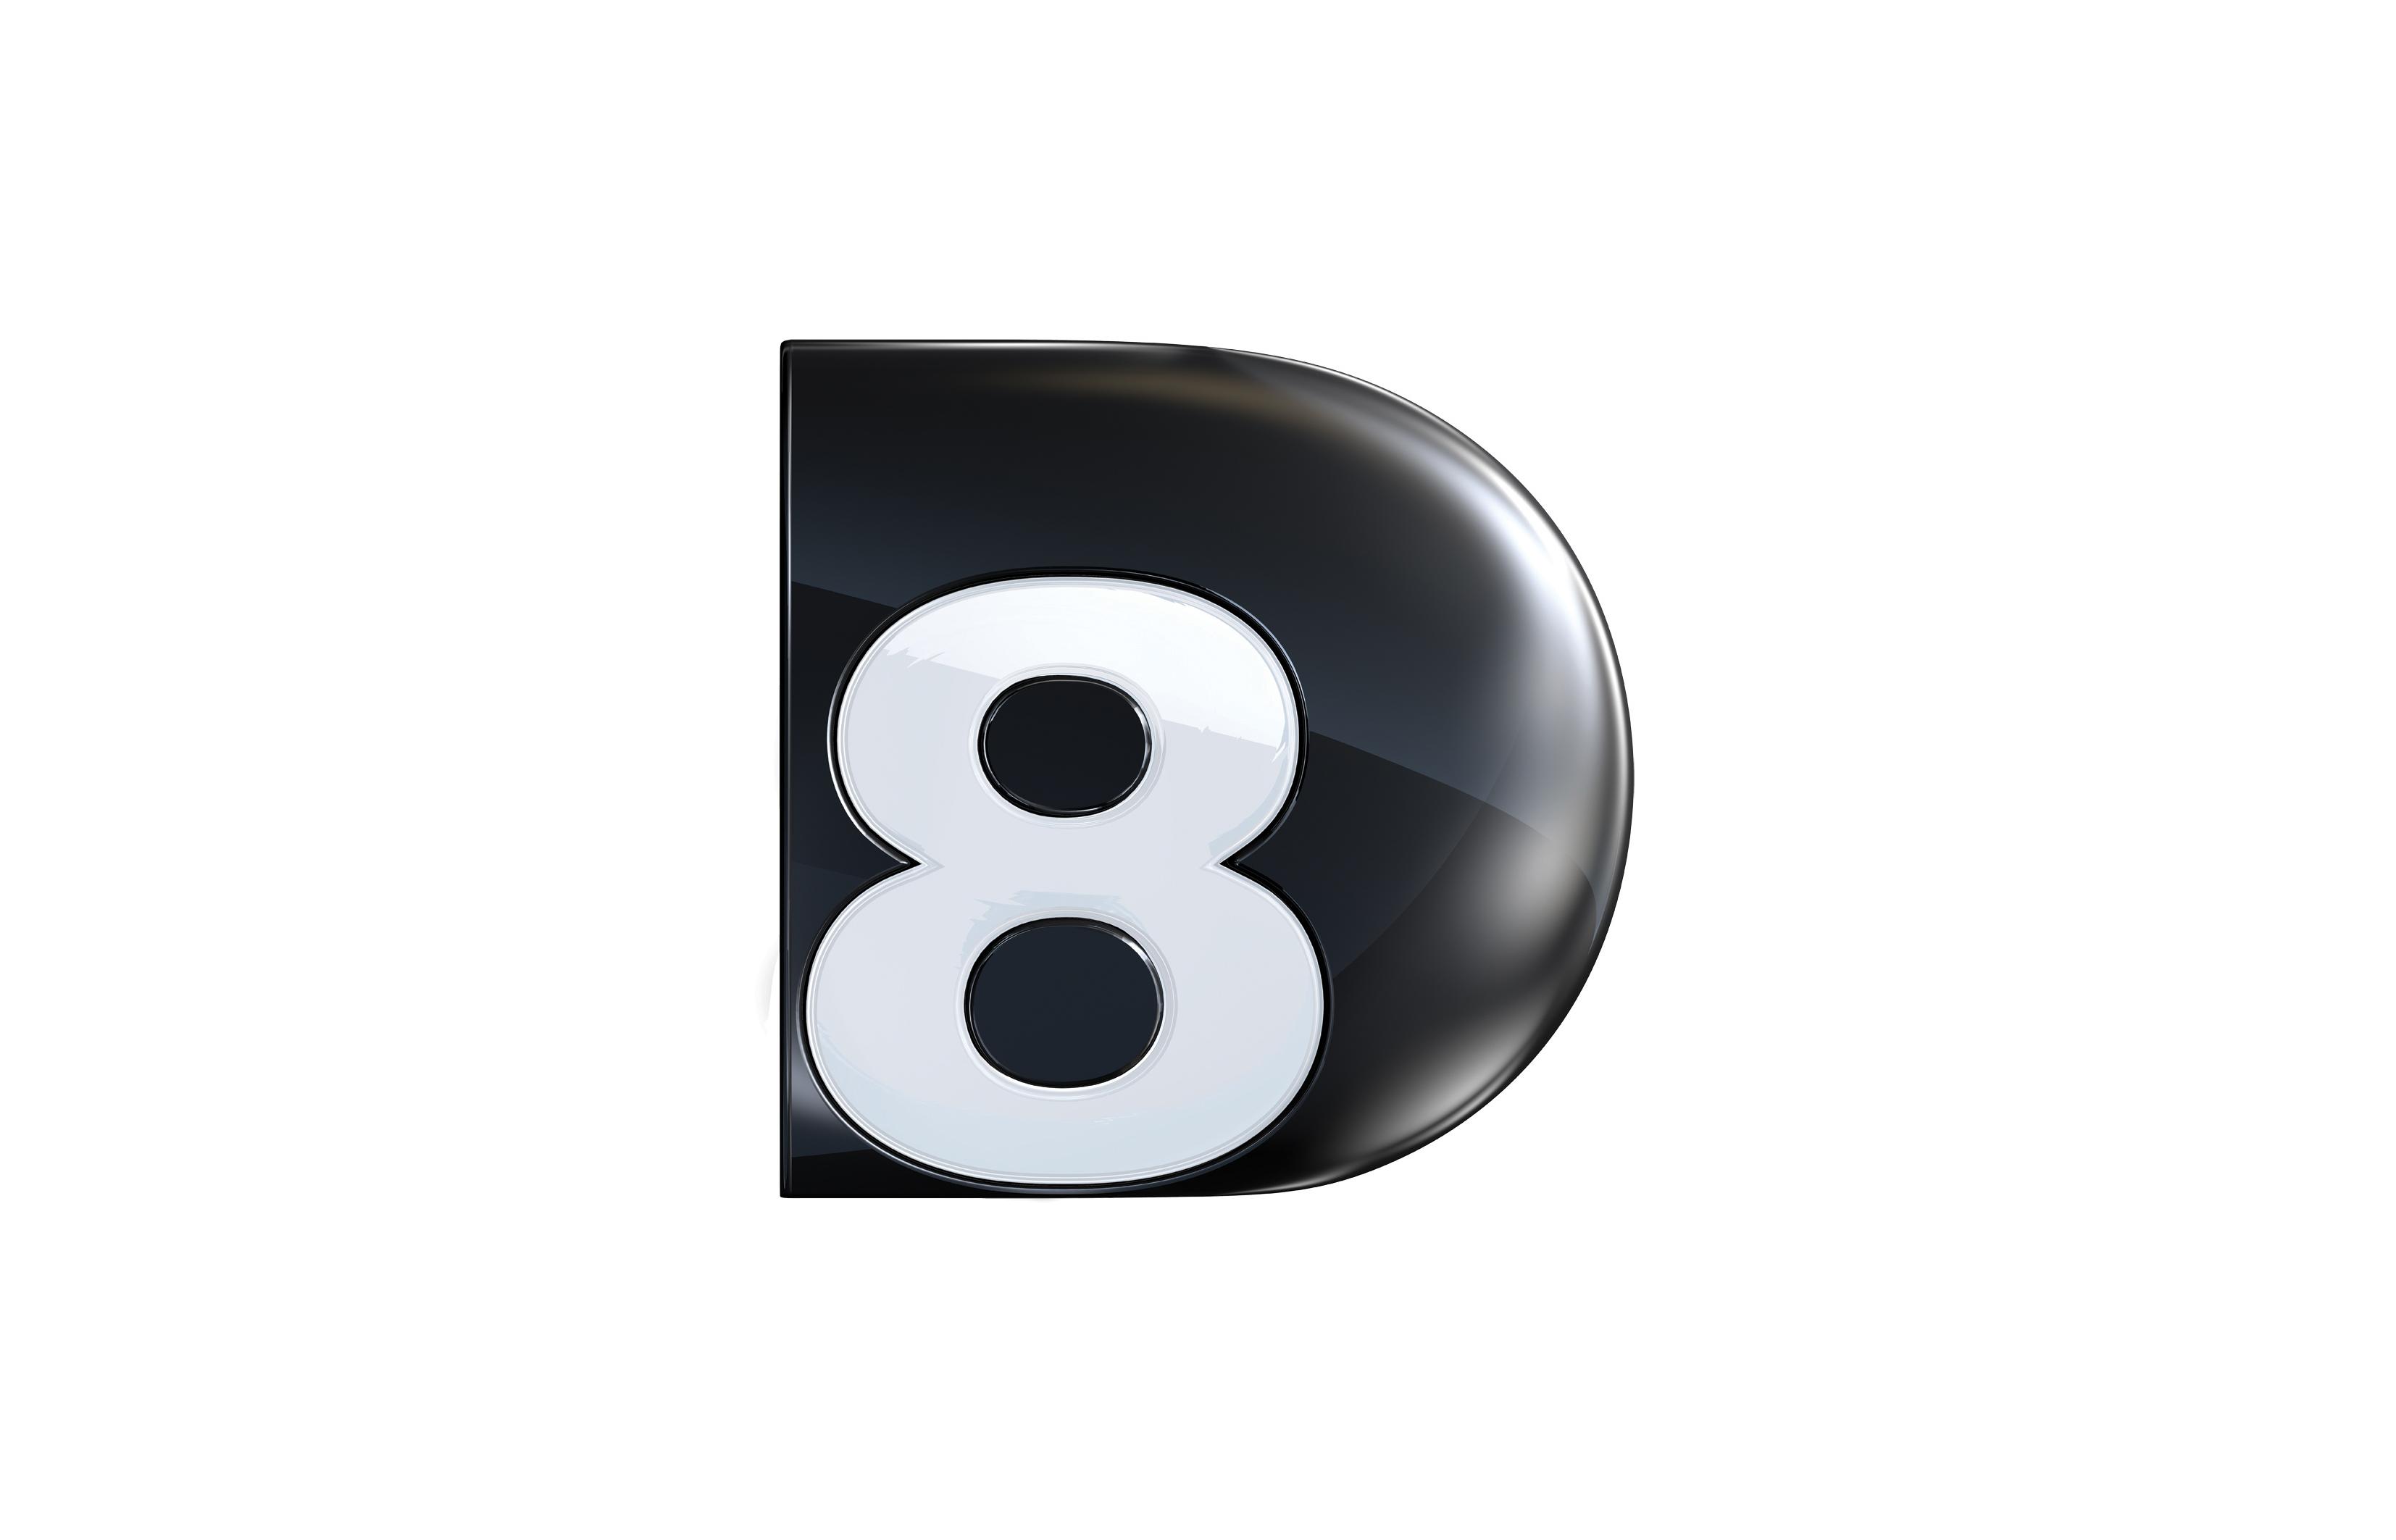 D8 s'offre la finale de la Ligue des Champions